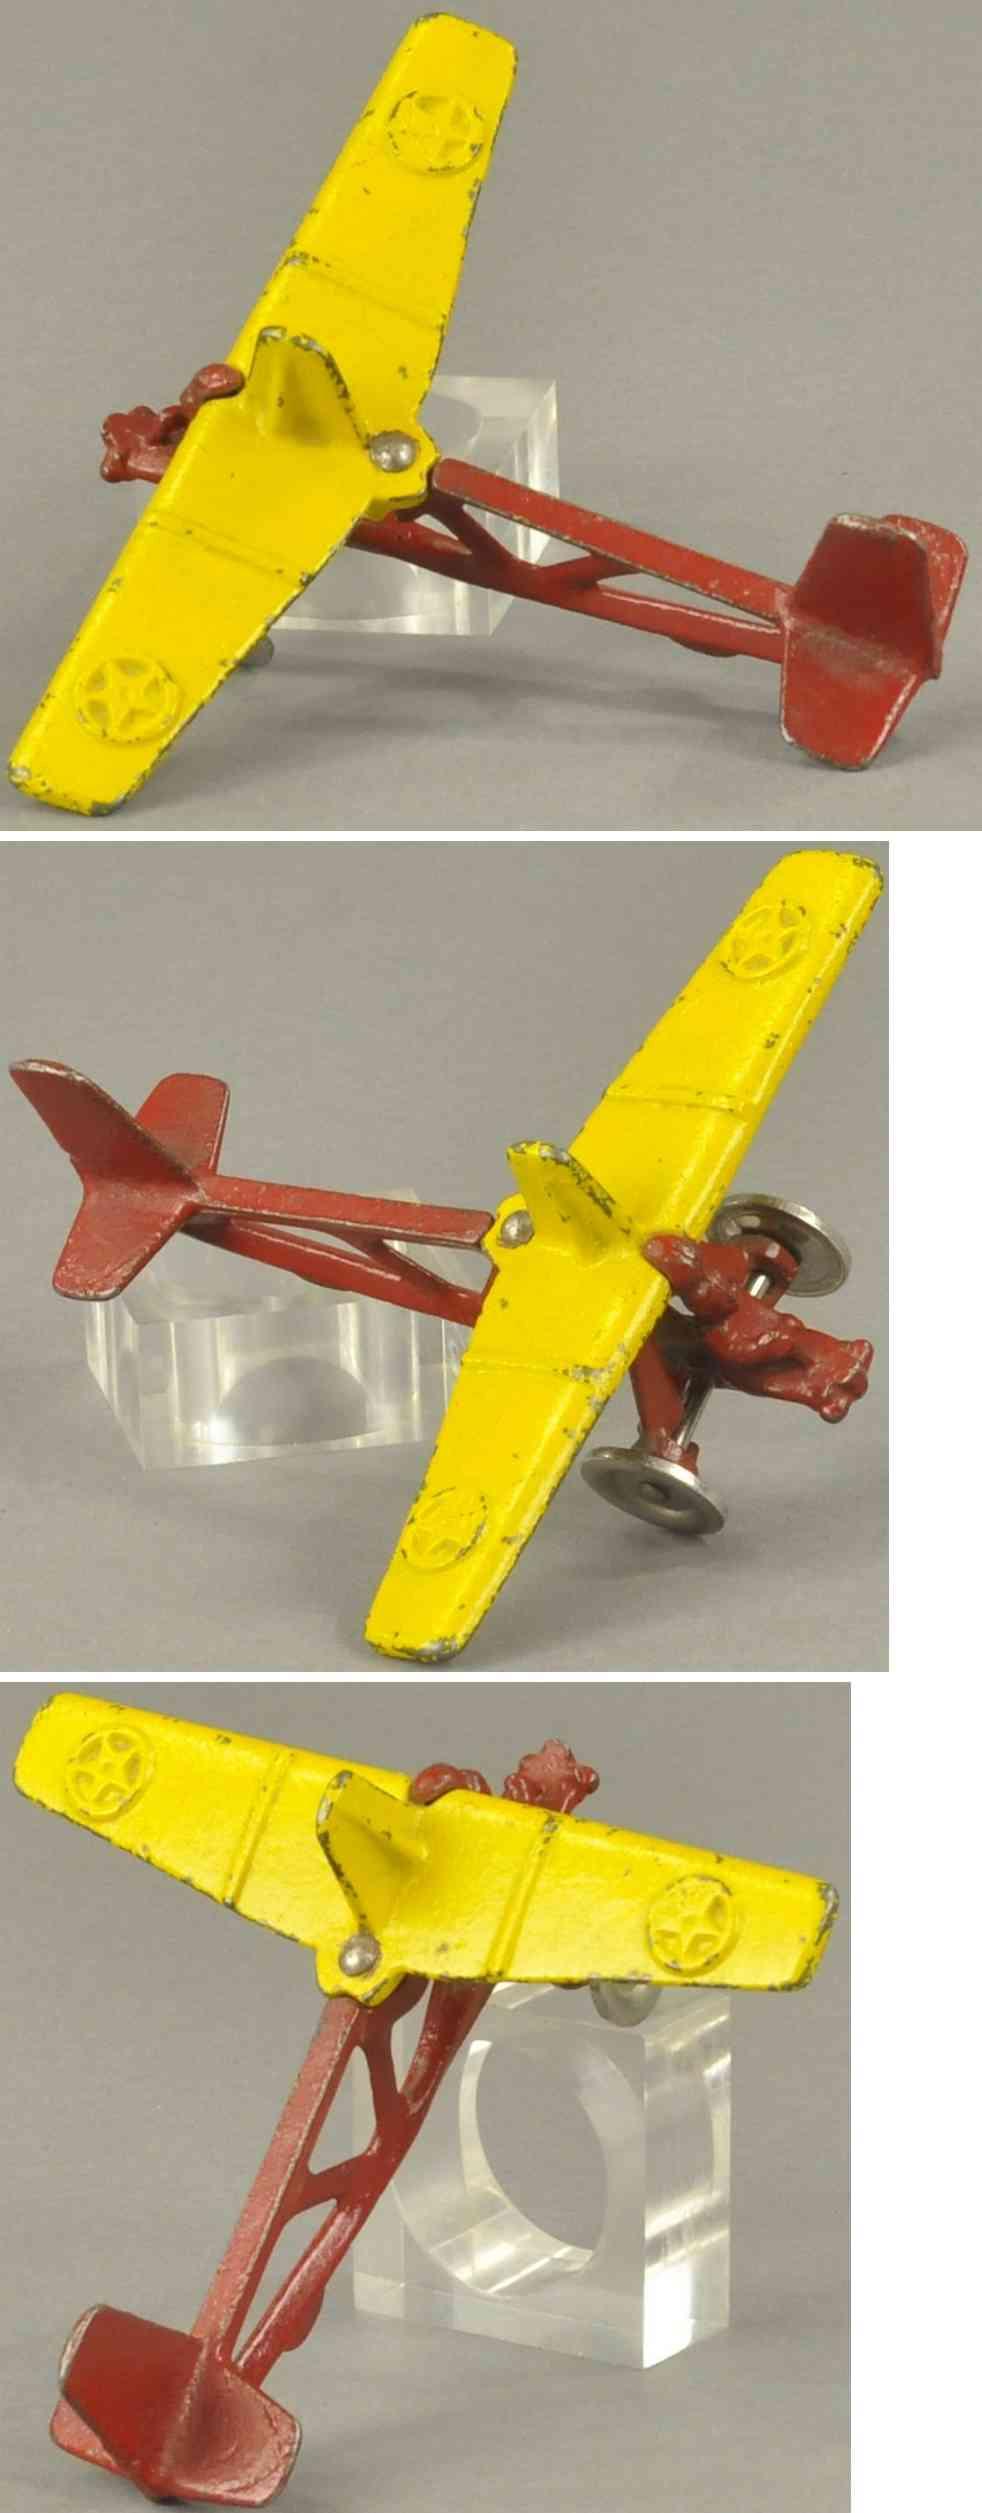 north & judd spielzeug gusseisen segelflugzeug gelb rot